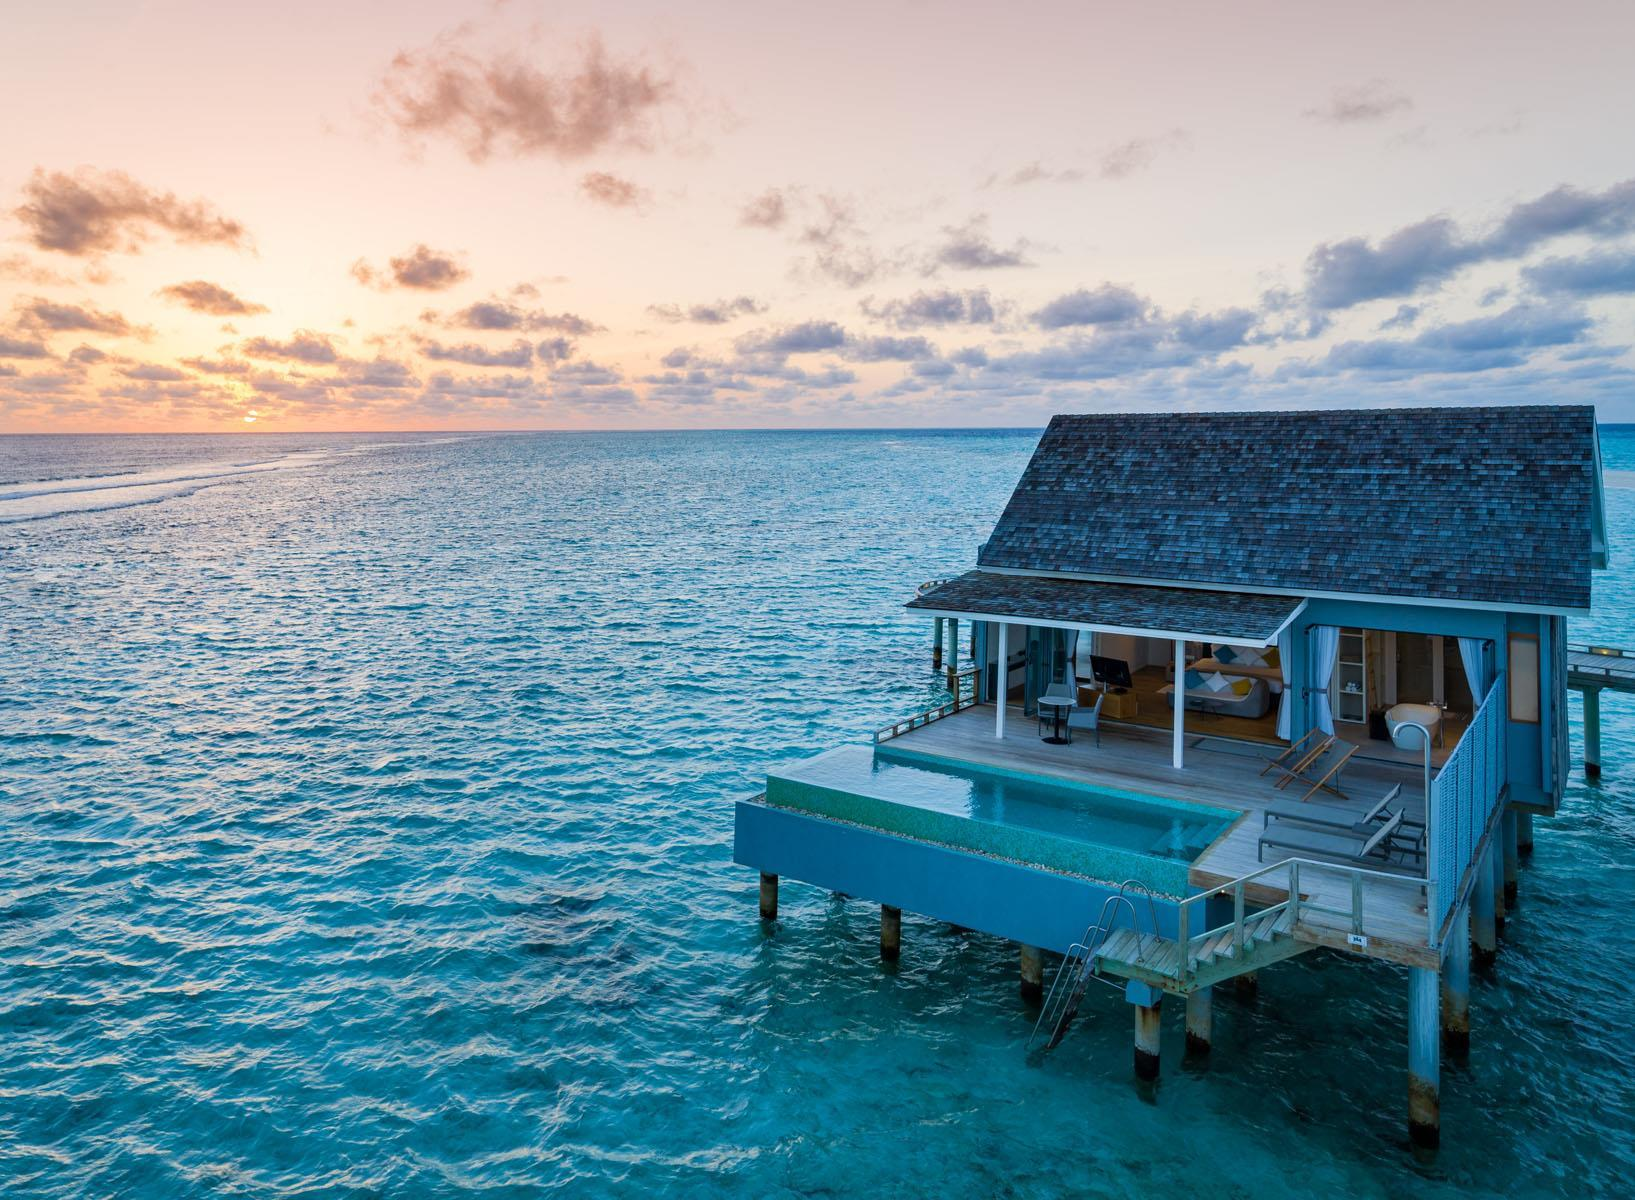 kuramathi-island-maldives-genel-0014